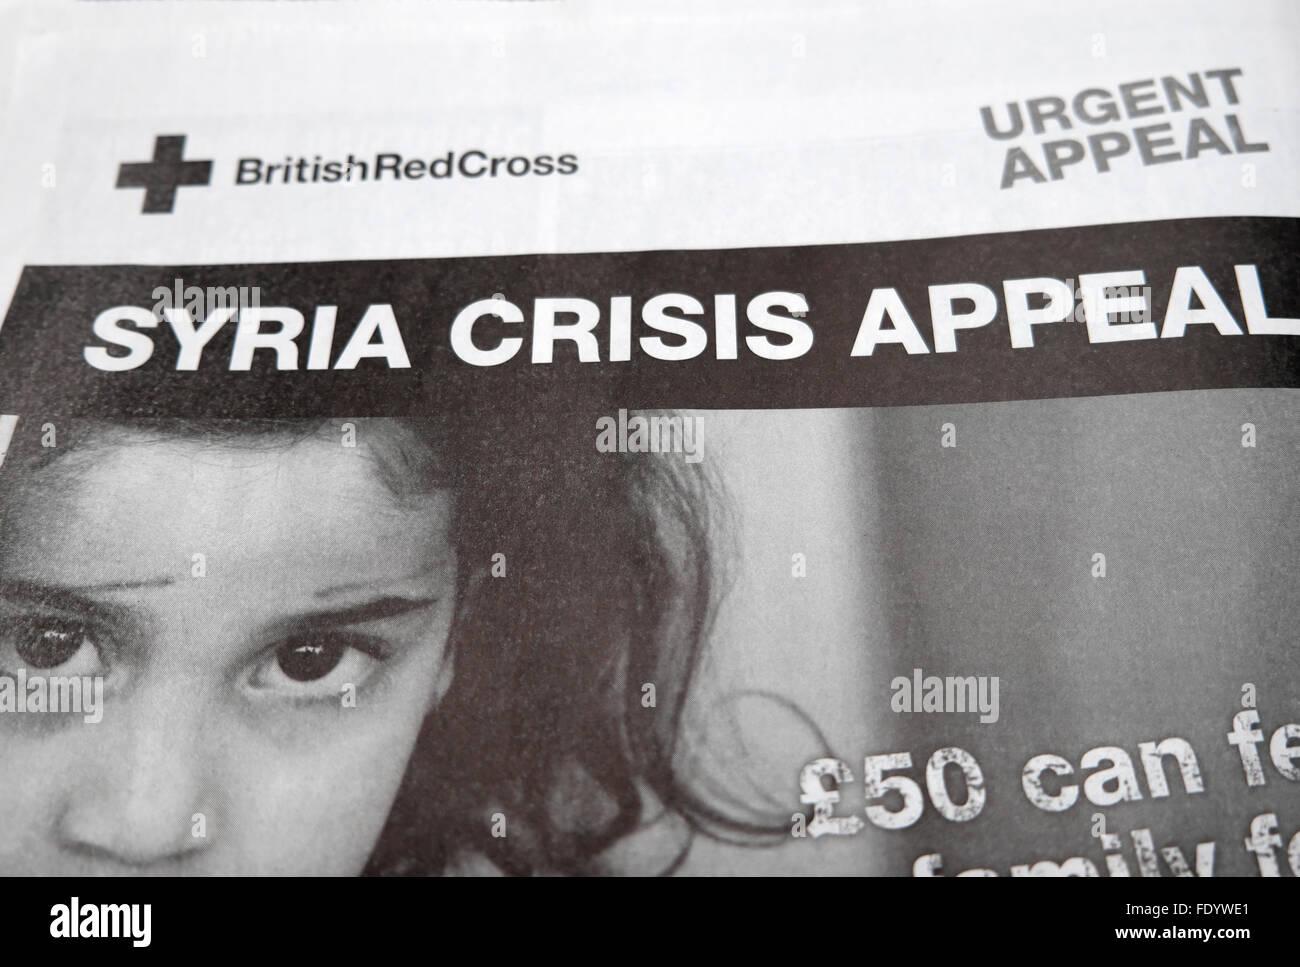 Titolo di giornale la Croce Rossa Britannica Siria appello di crisi nel gennaio 2016 LONDON REGNO UNITO Immagini Stock